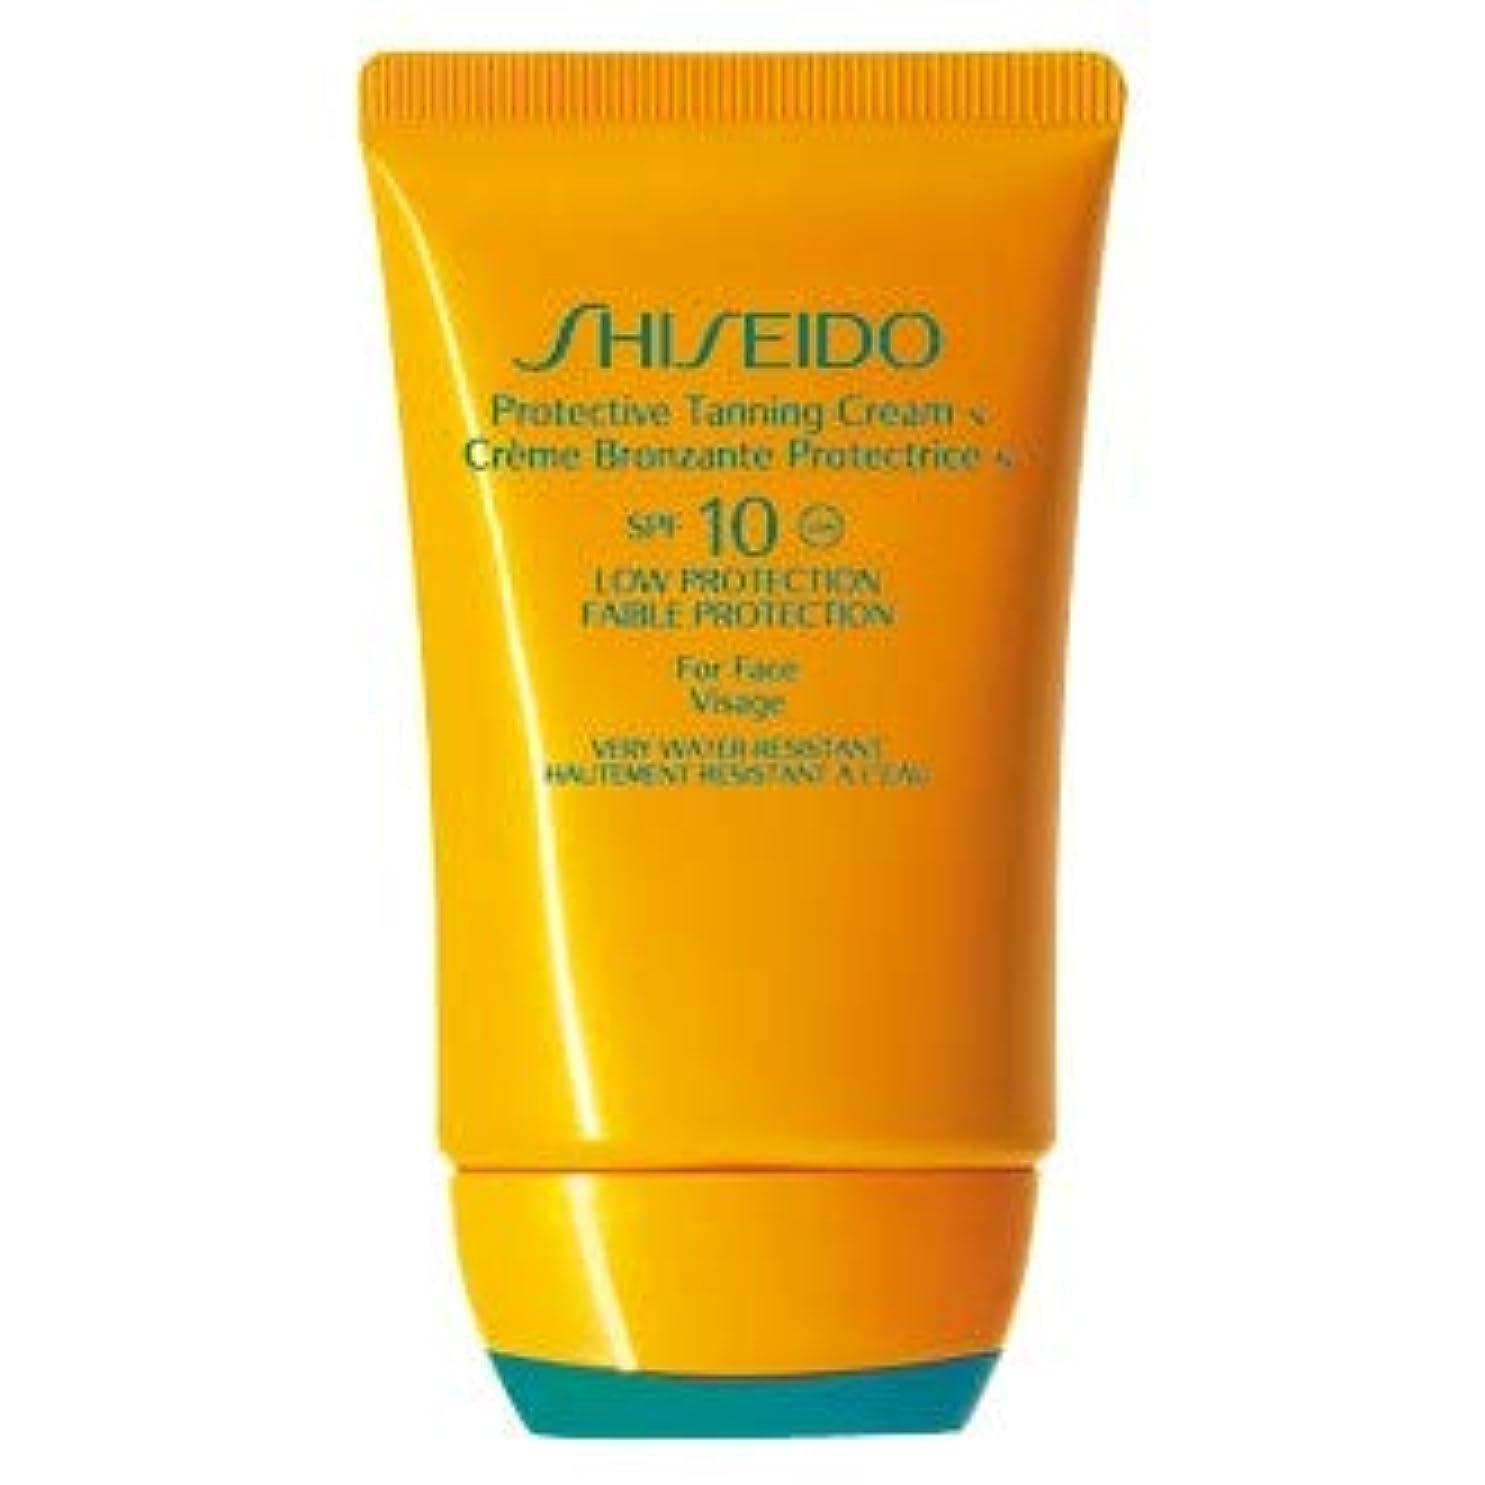 ドアミラーつかいます厳[Shiseido] 資生堂保護日焼けクリームN Spf 10 50ミリリットル - Shiseido Protective Tanning Cream N Spf 10 50ml [並行輸入品]